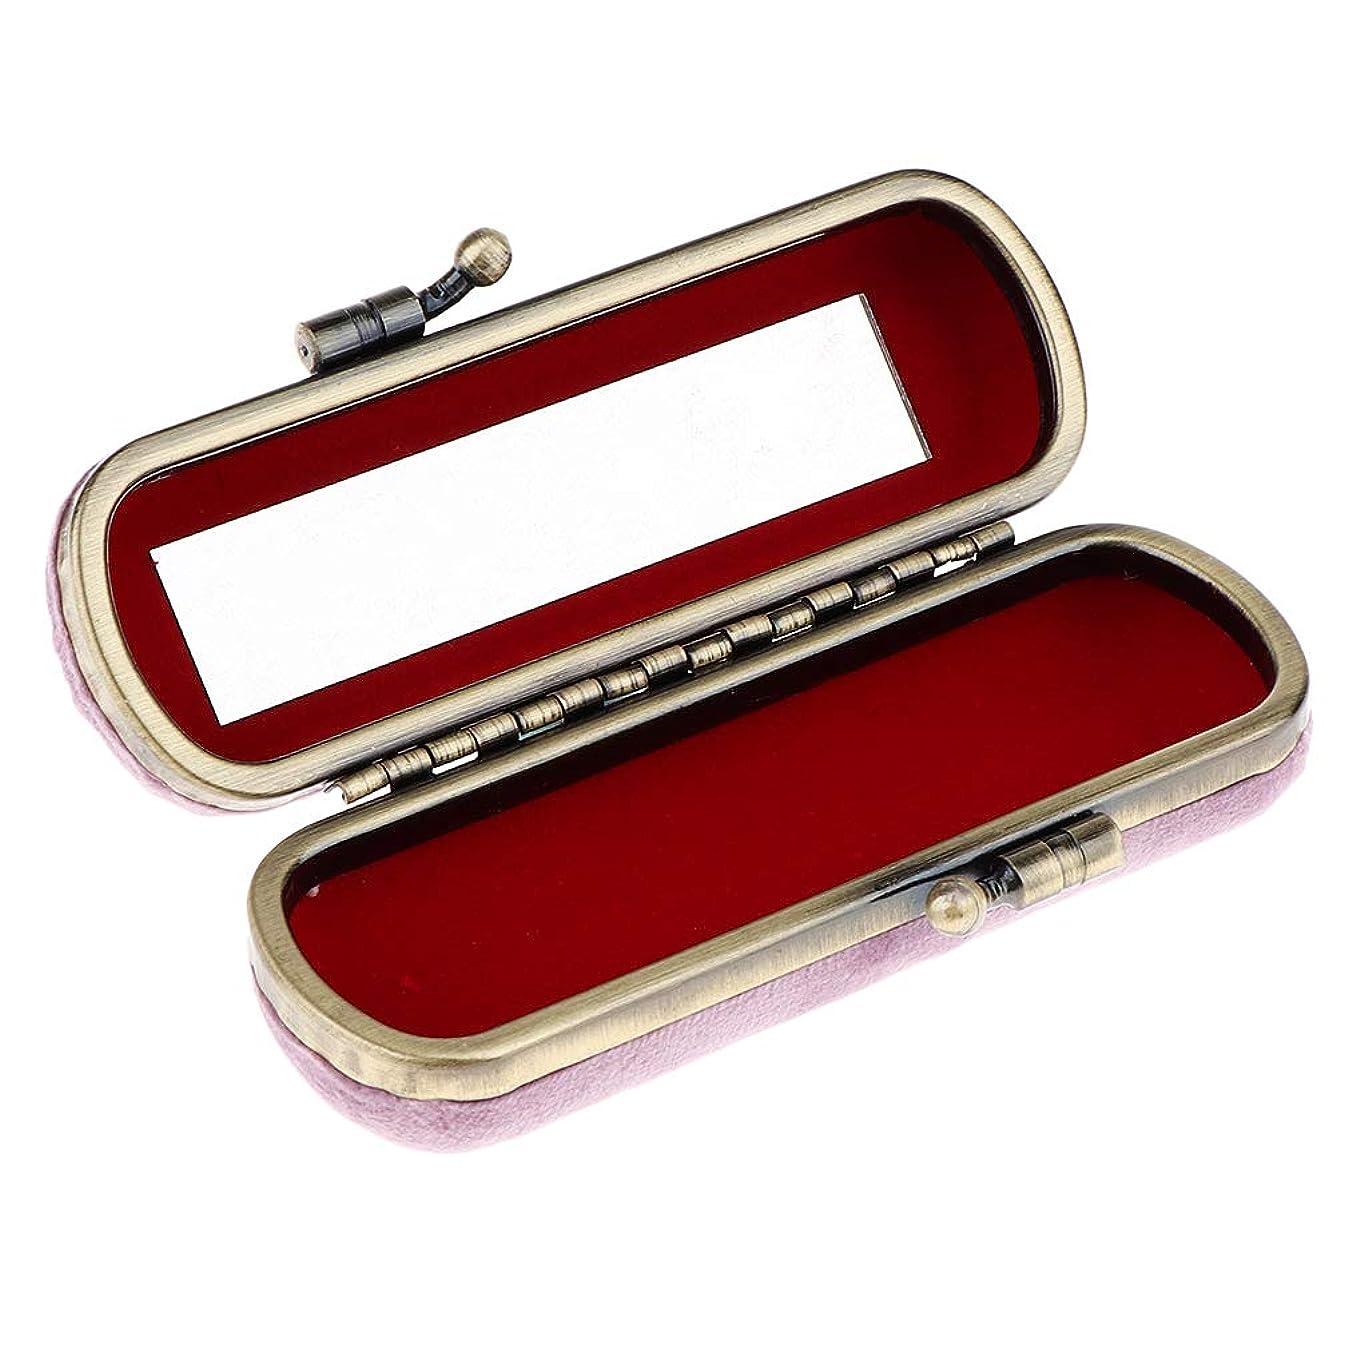 鳴らす取り囲むギャラントリーCUTICATE 8色選ぶ ヴィンテージ 化粧ポーチ 口紅ホルダー ミラー付き リップグロスホルダー 化粧ケース - ピンク